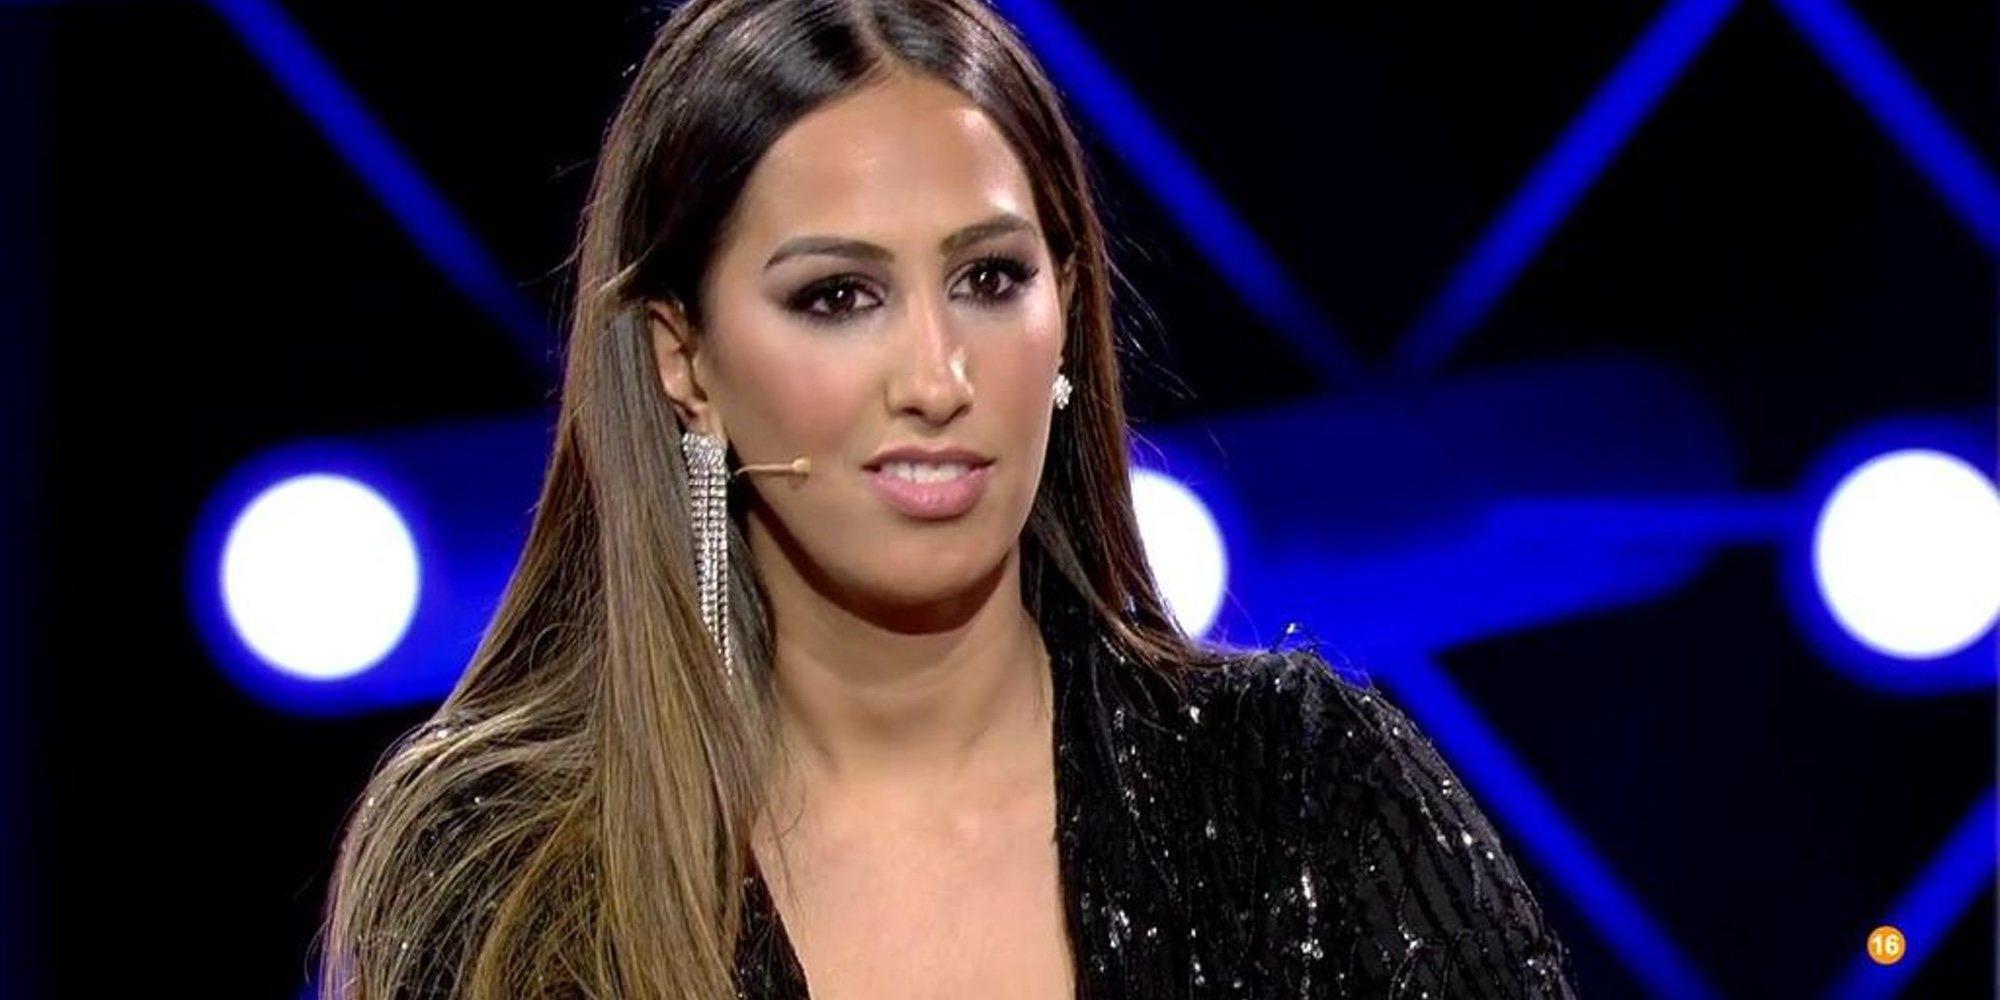 """La complicada vuelta de Noemí Salazar a la realidad tras salir de 'GH VIP 7': """"Me está costando mucho dormir"""""""